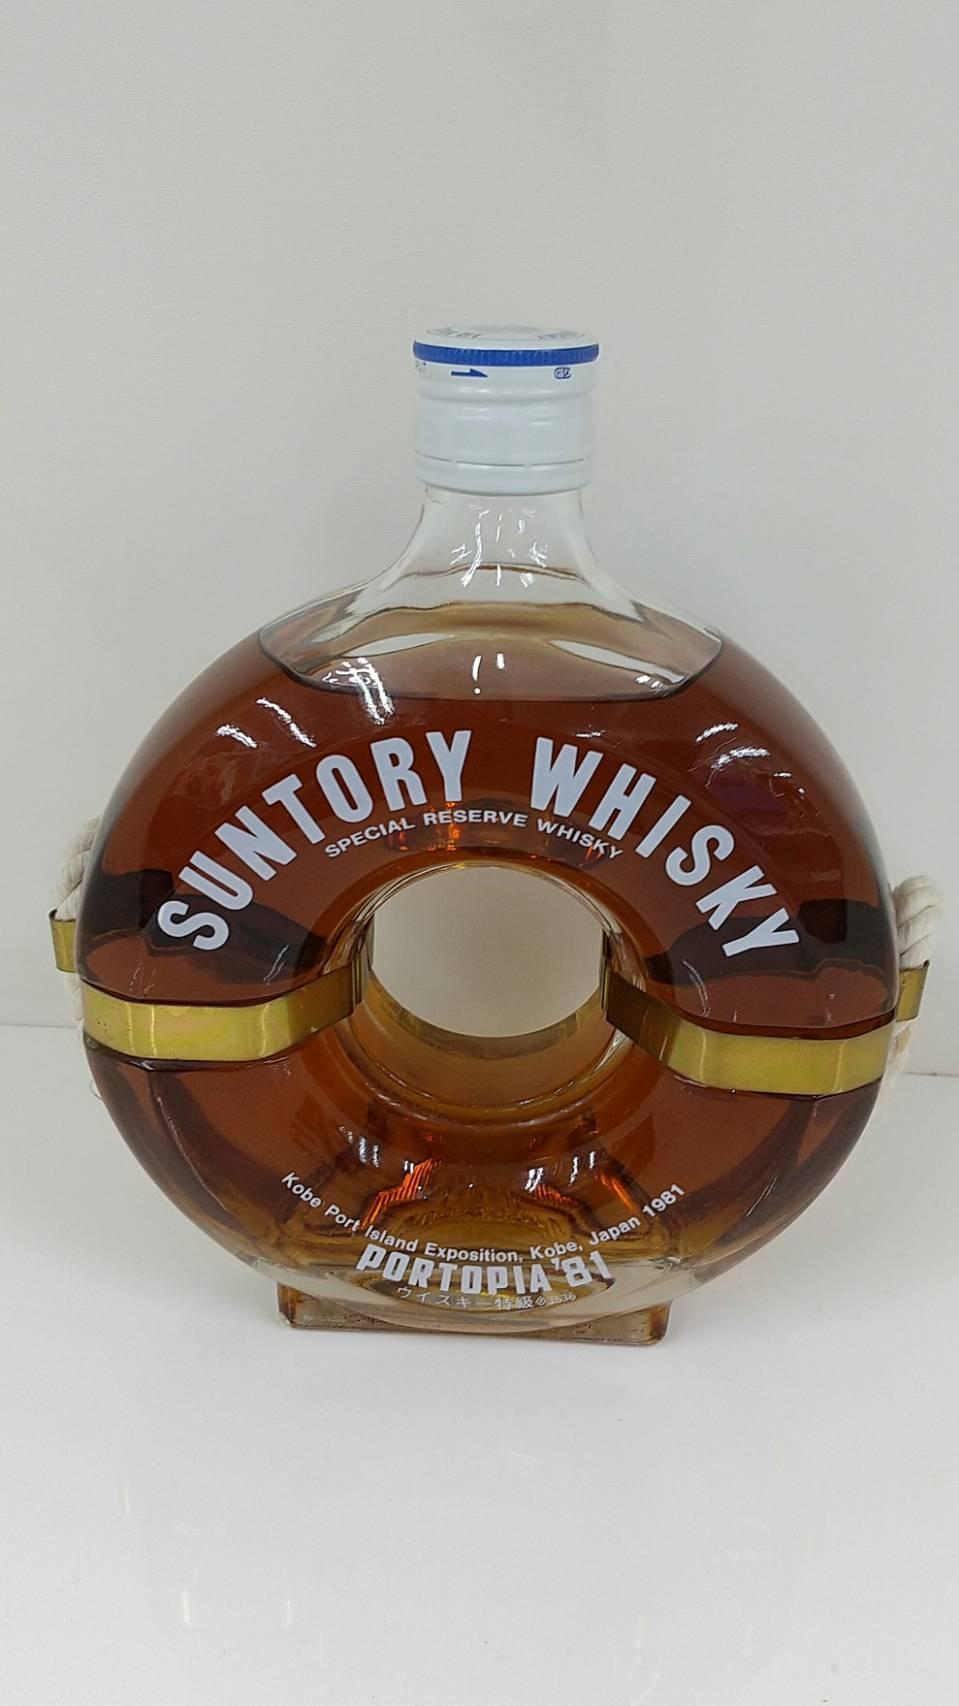 【SUNTORY PORTOPIA '81 ポートピア '81 記念ブイボトル 未開栓 スペシャルリザーブ ウイスキー 700ml 43% 古酒】をお買い取りいたしました!の買取-